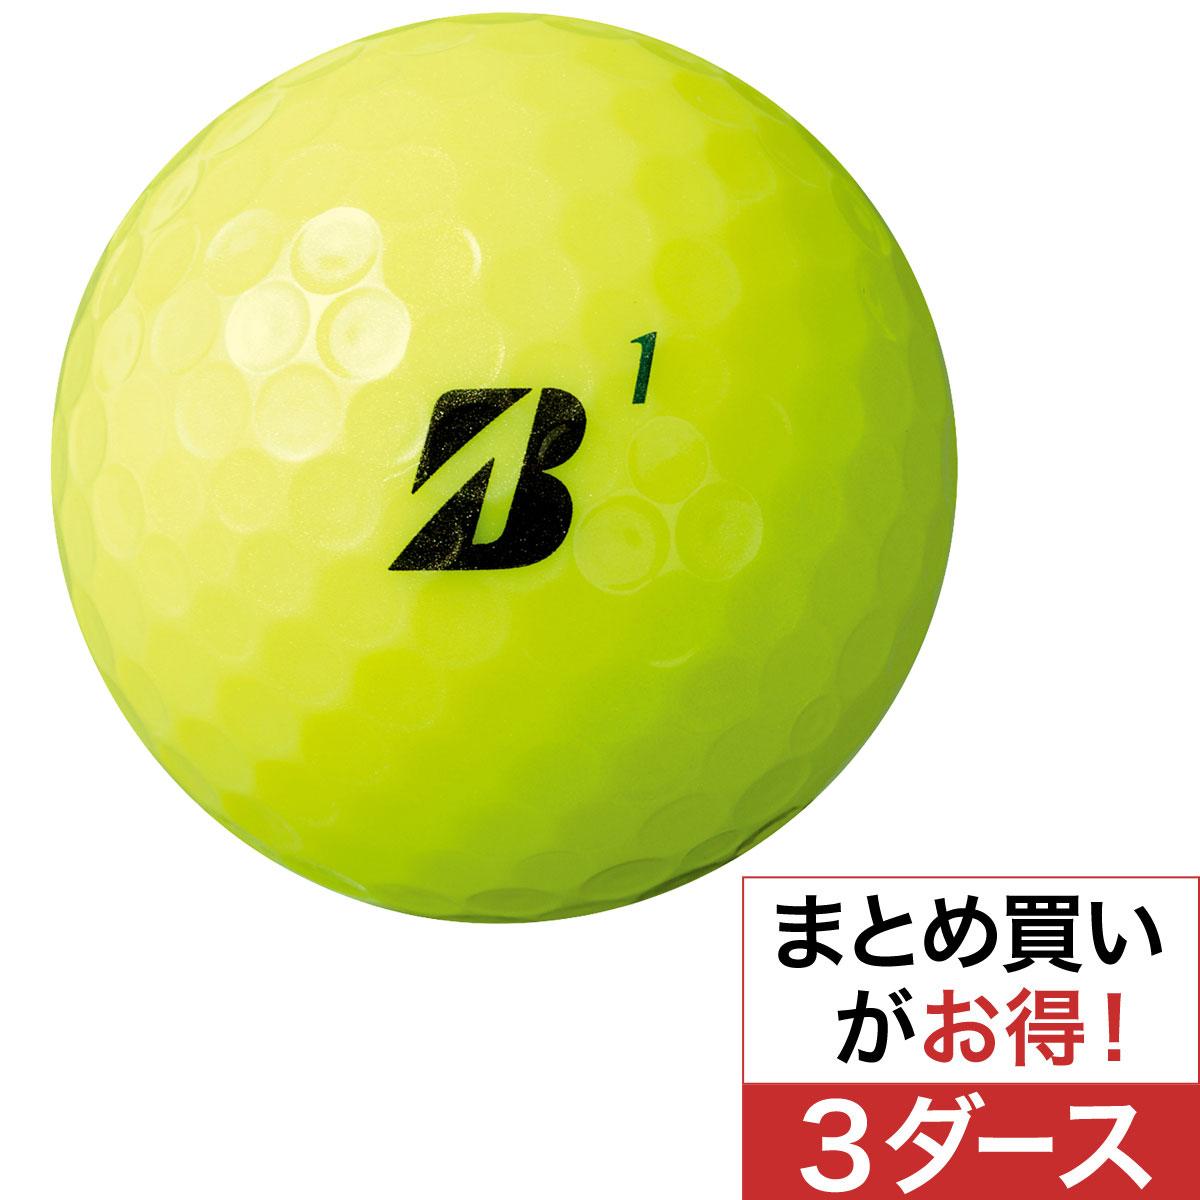 TOUR B XS ボール 3ダースセット【オンネームサービス有り】(文字色:黒のみ)【2020年2月21日発売予定】